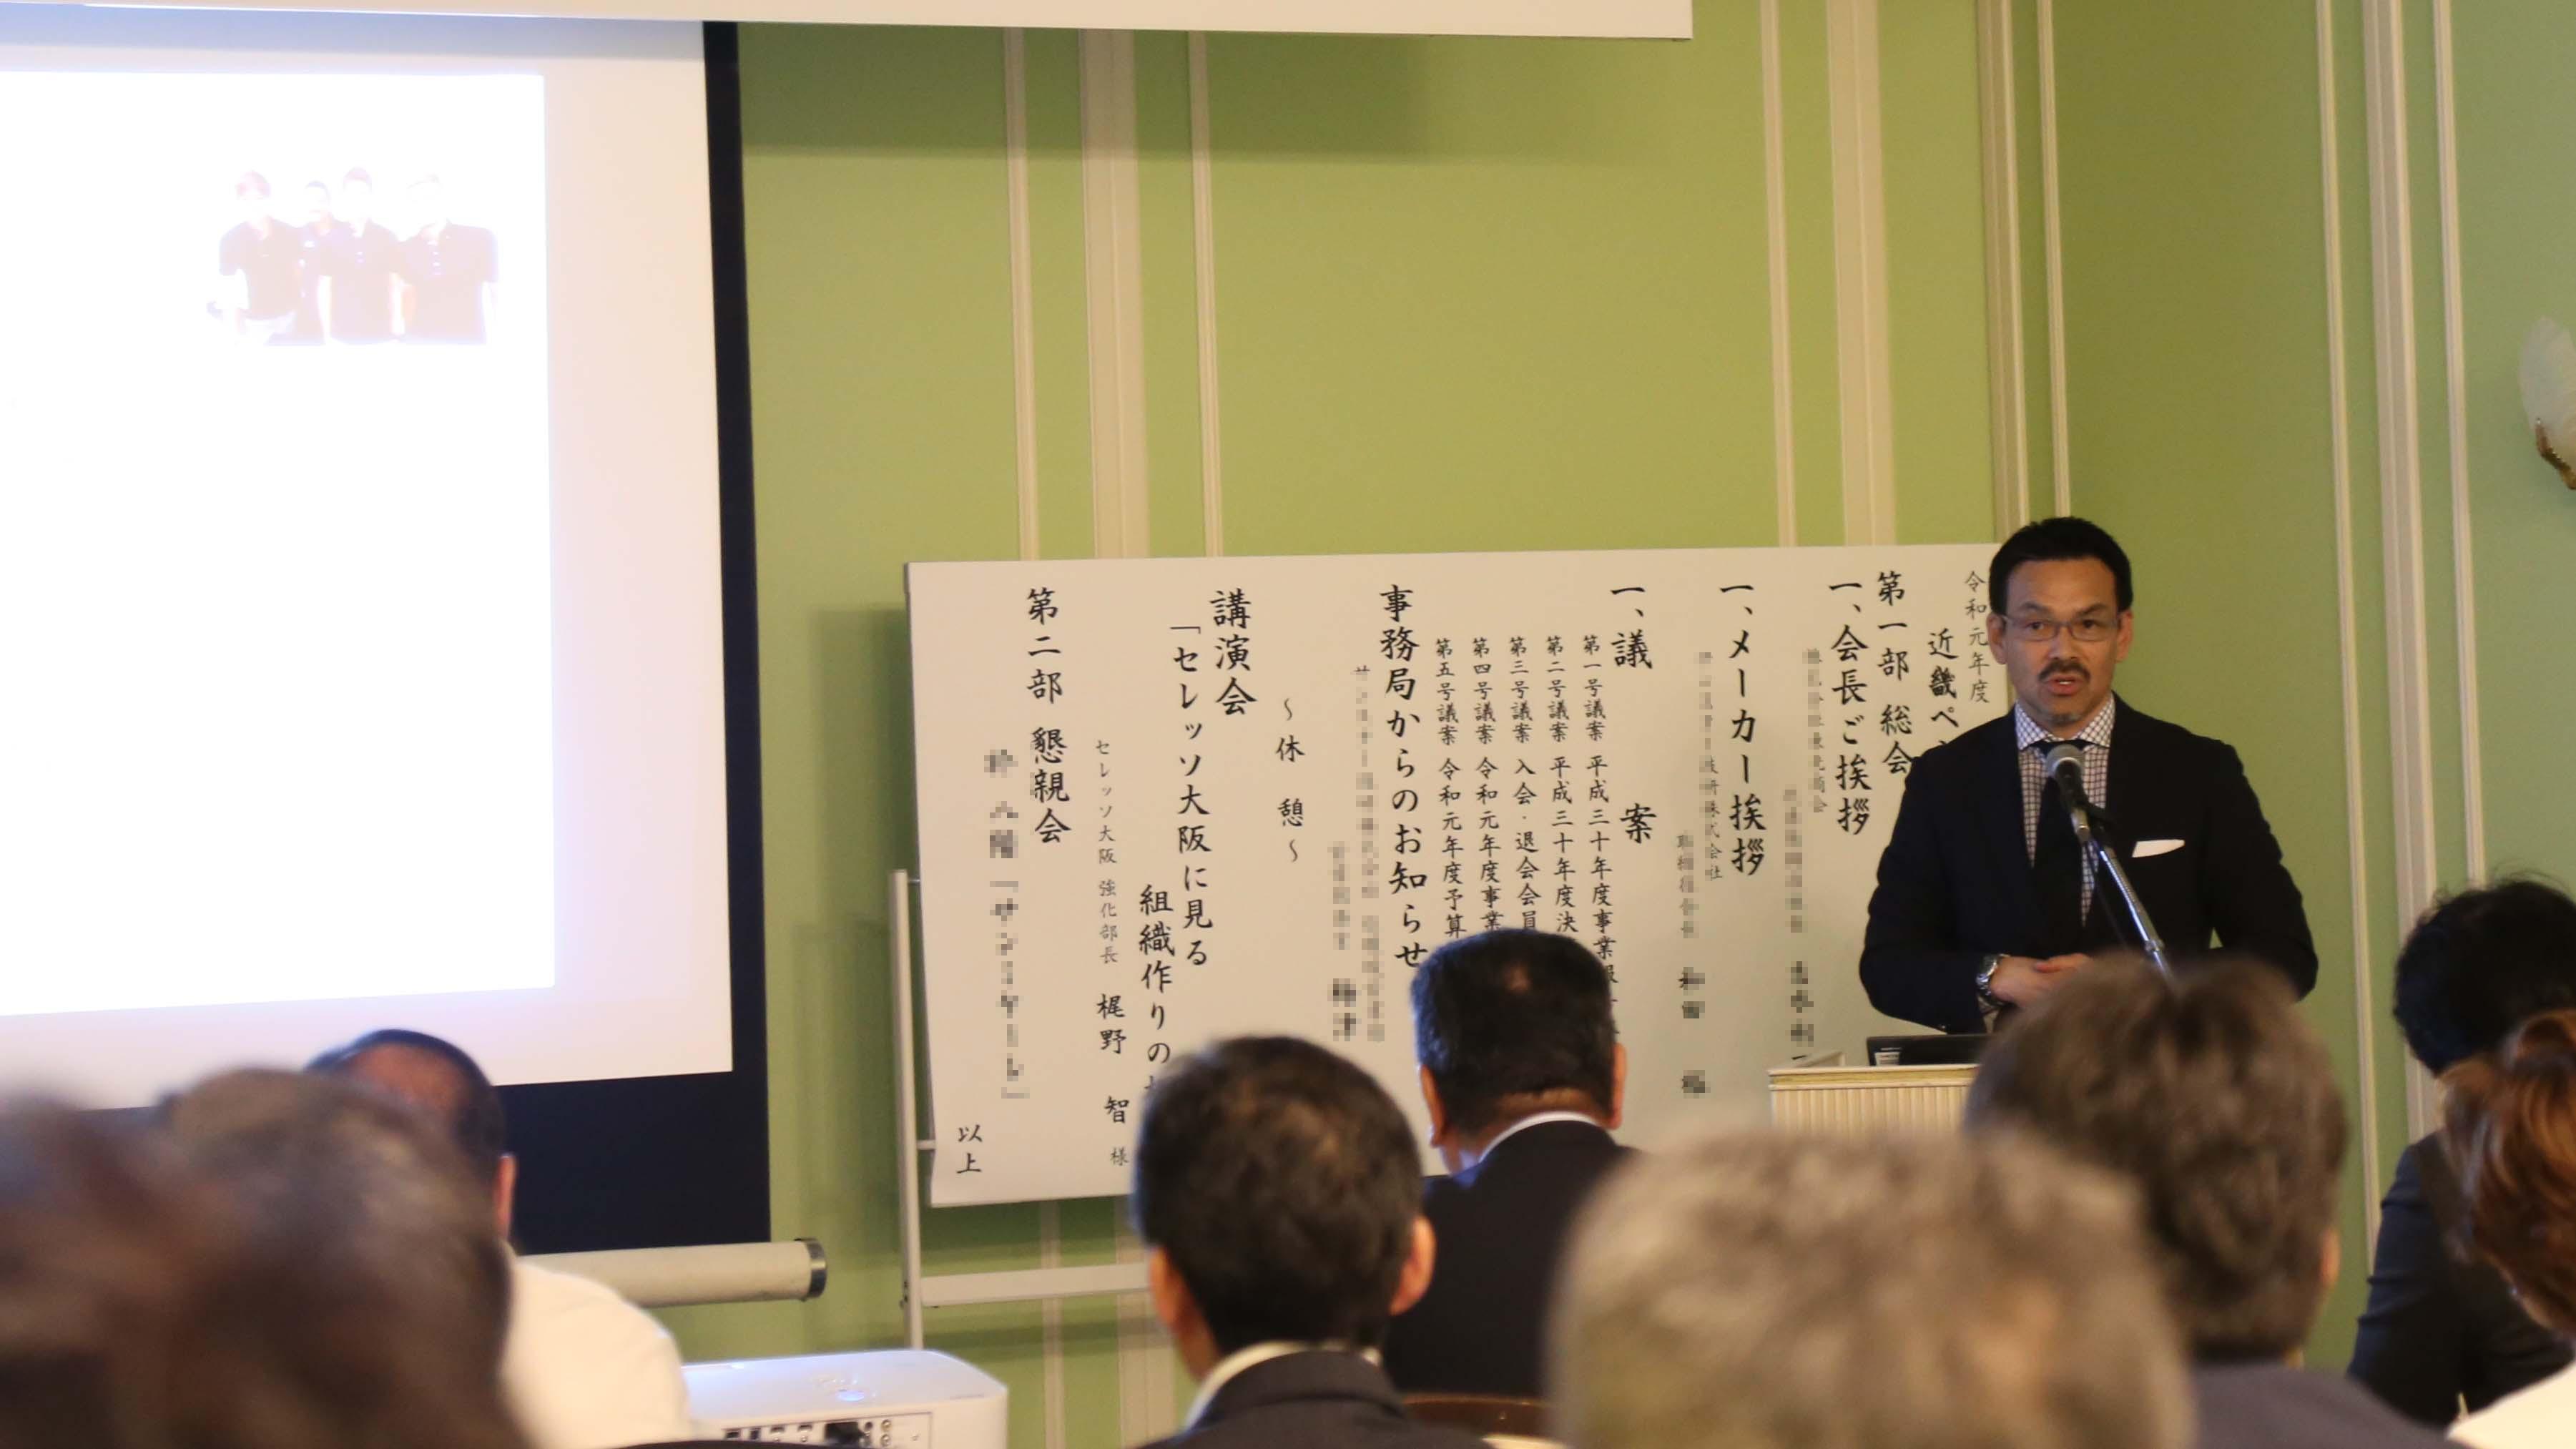 元セレッソ大阪統括部長・梶野智氏が大阪市内で講演